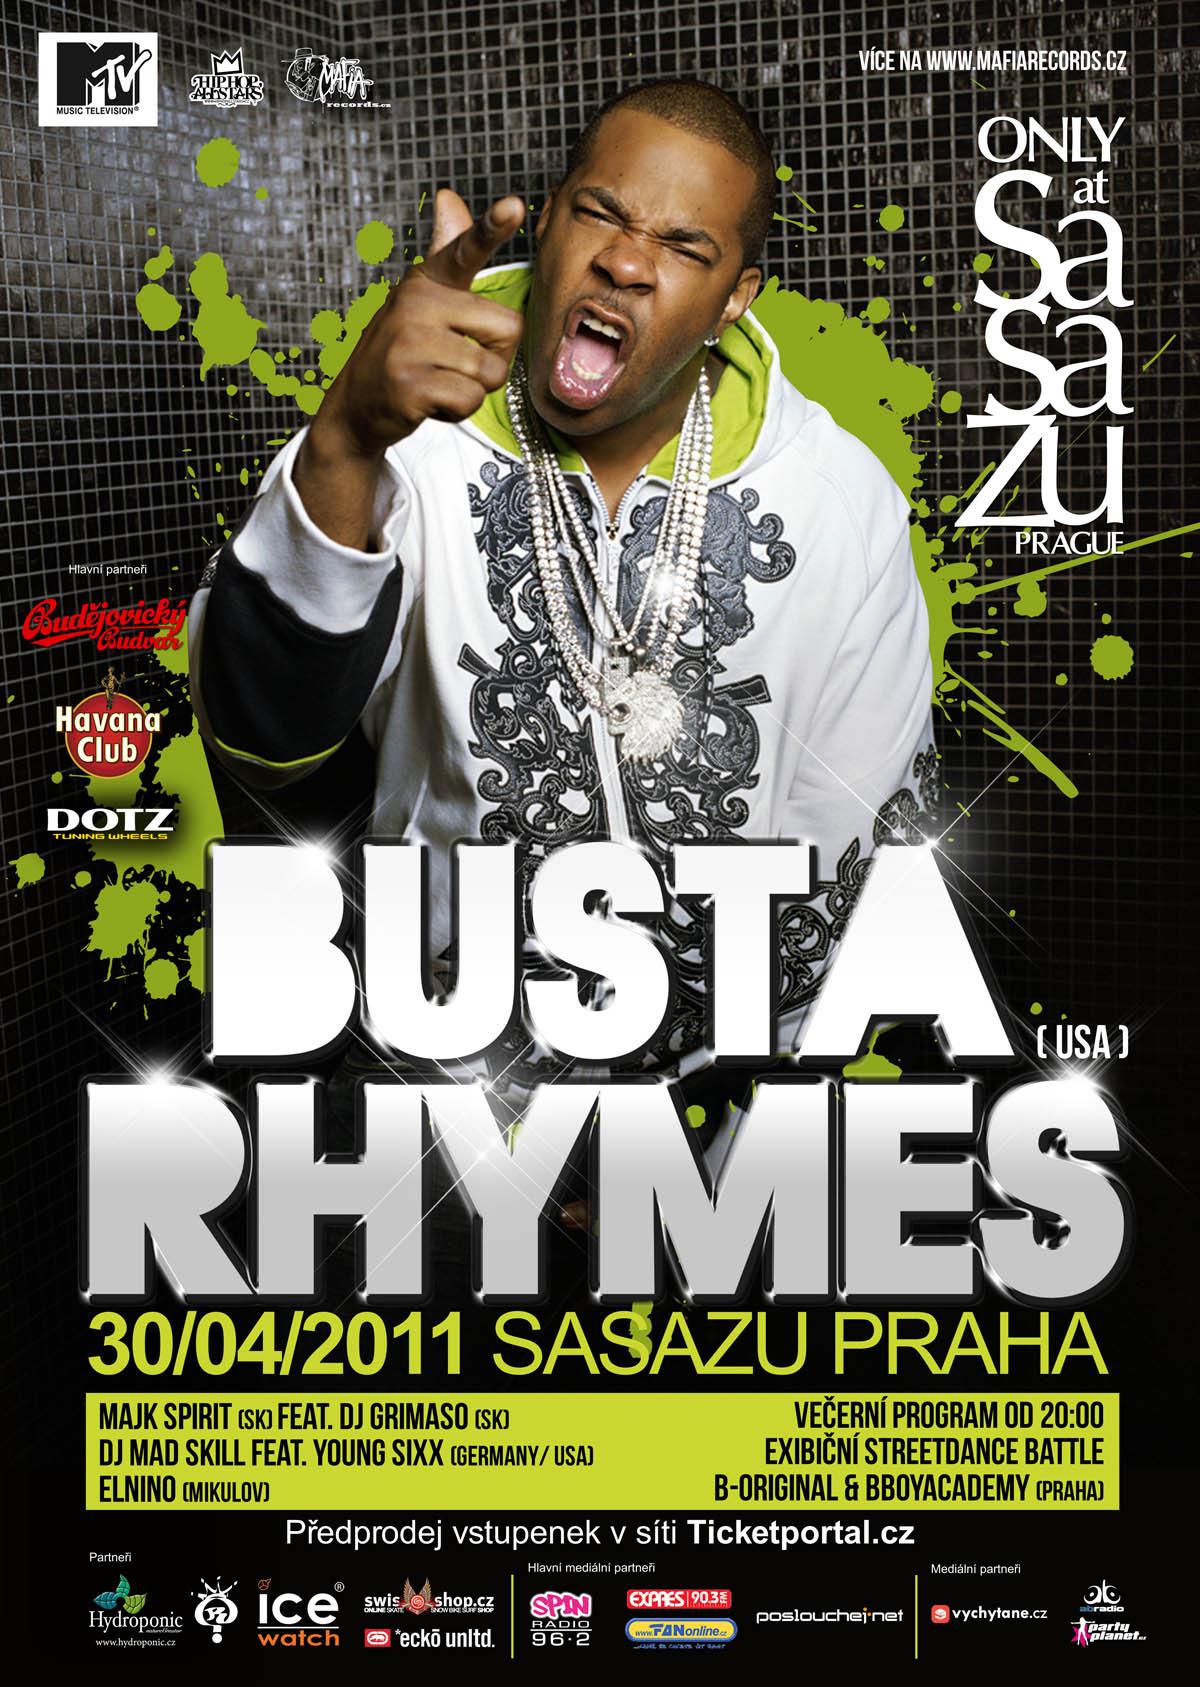 30.4. BUSTA RHYMES LIVE IN PRAGUE!! - Oficiální program je venku! BOMBING